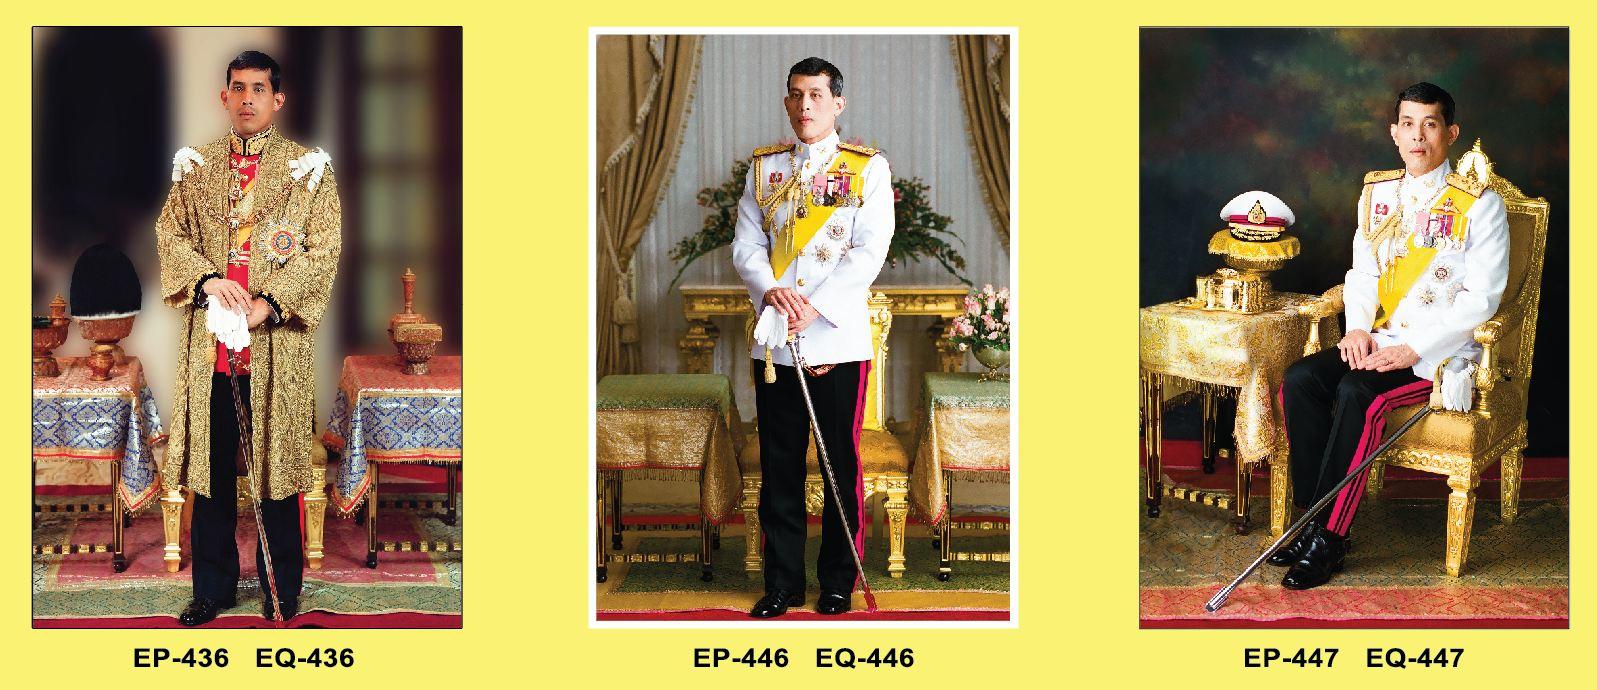 ร.10, กษัตริย์, รัชกาลที่ 10, King, Thailand